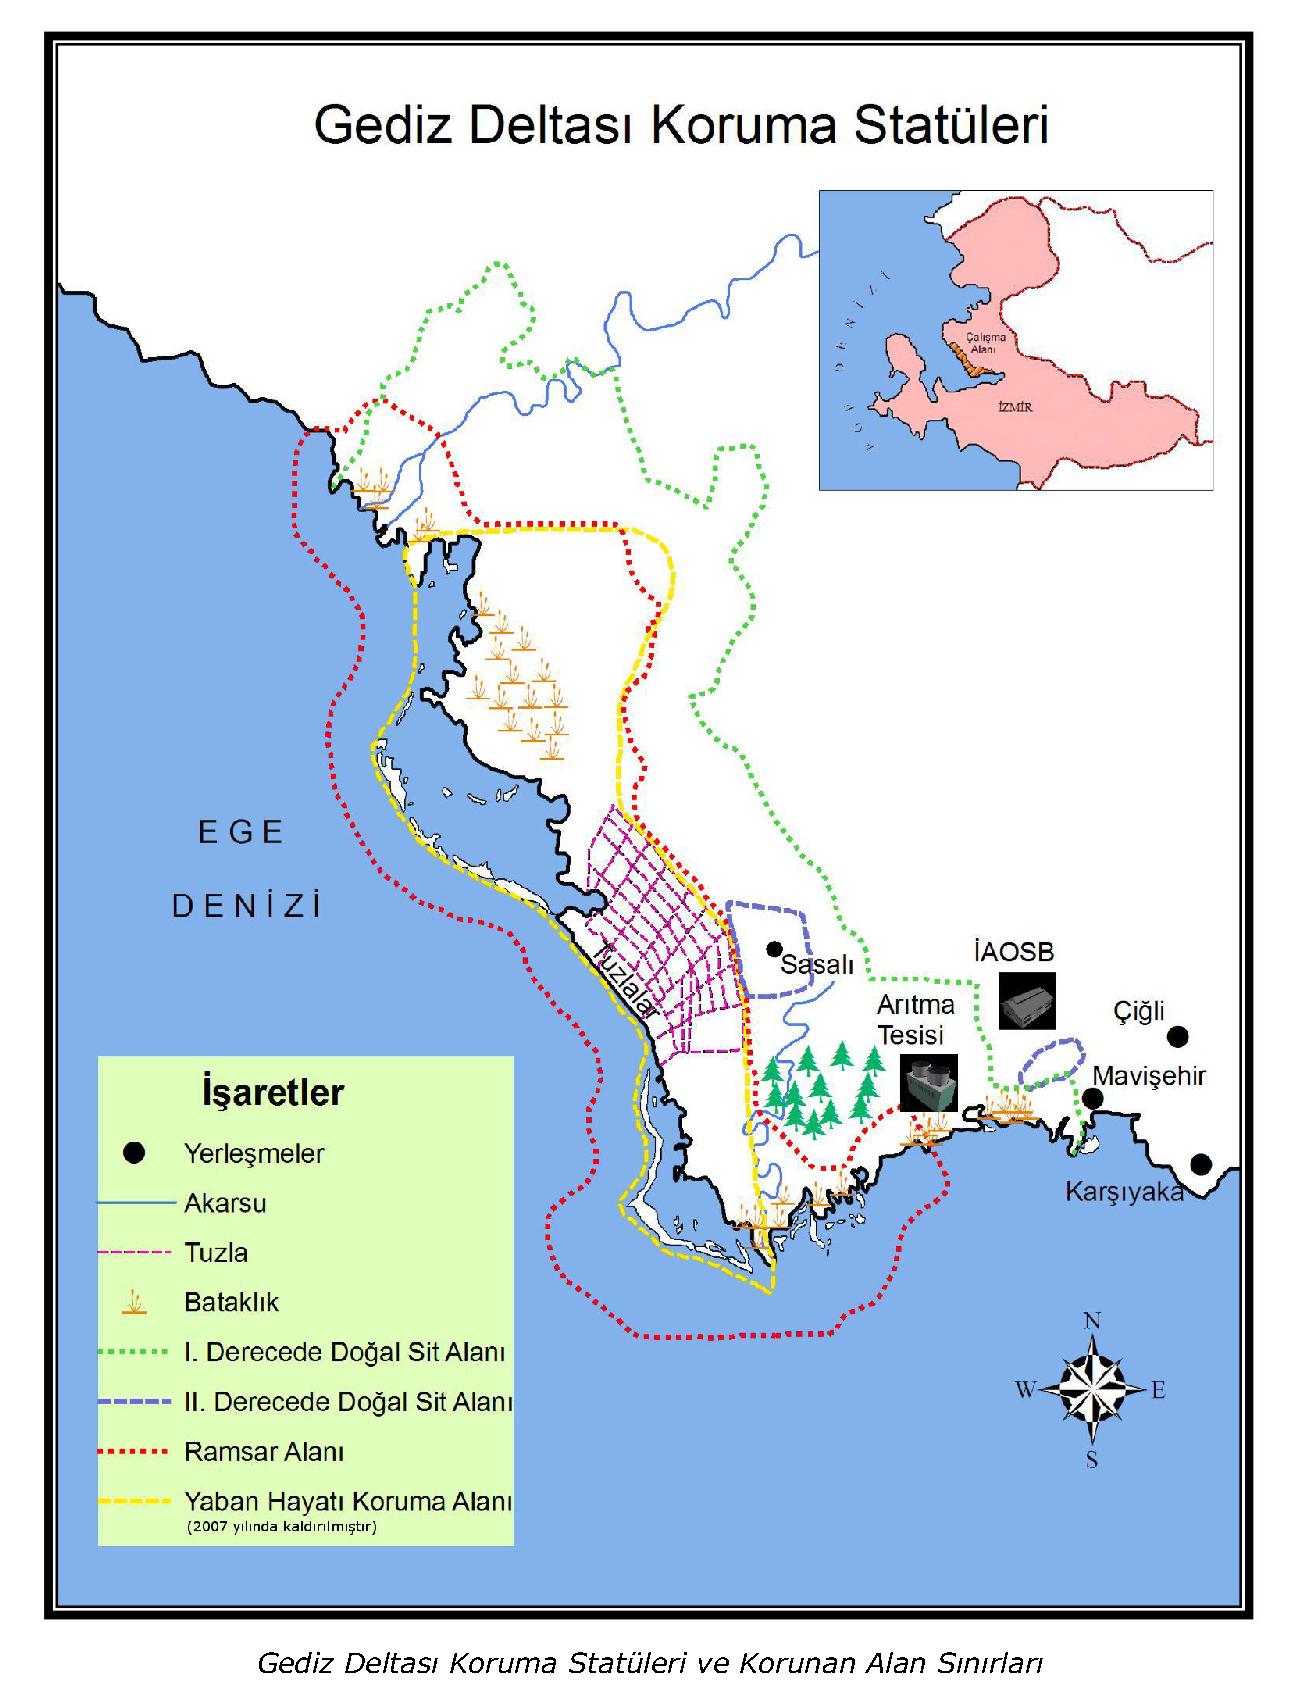 gediz-deltasi-koruma-statuleri